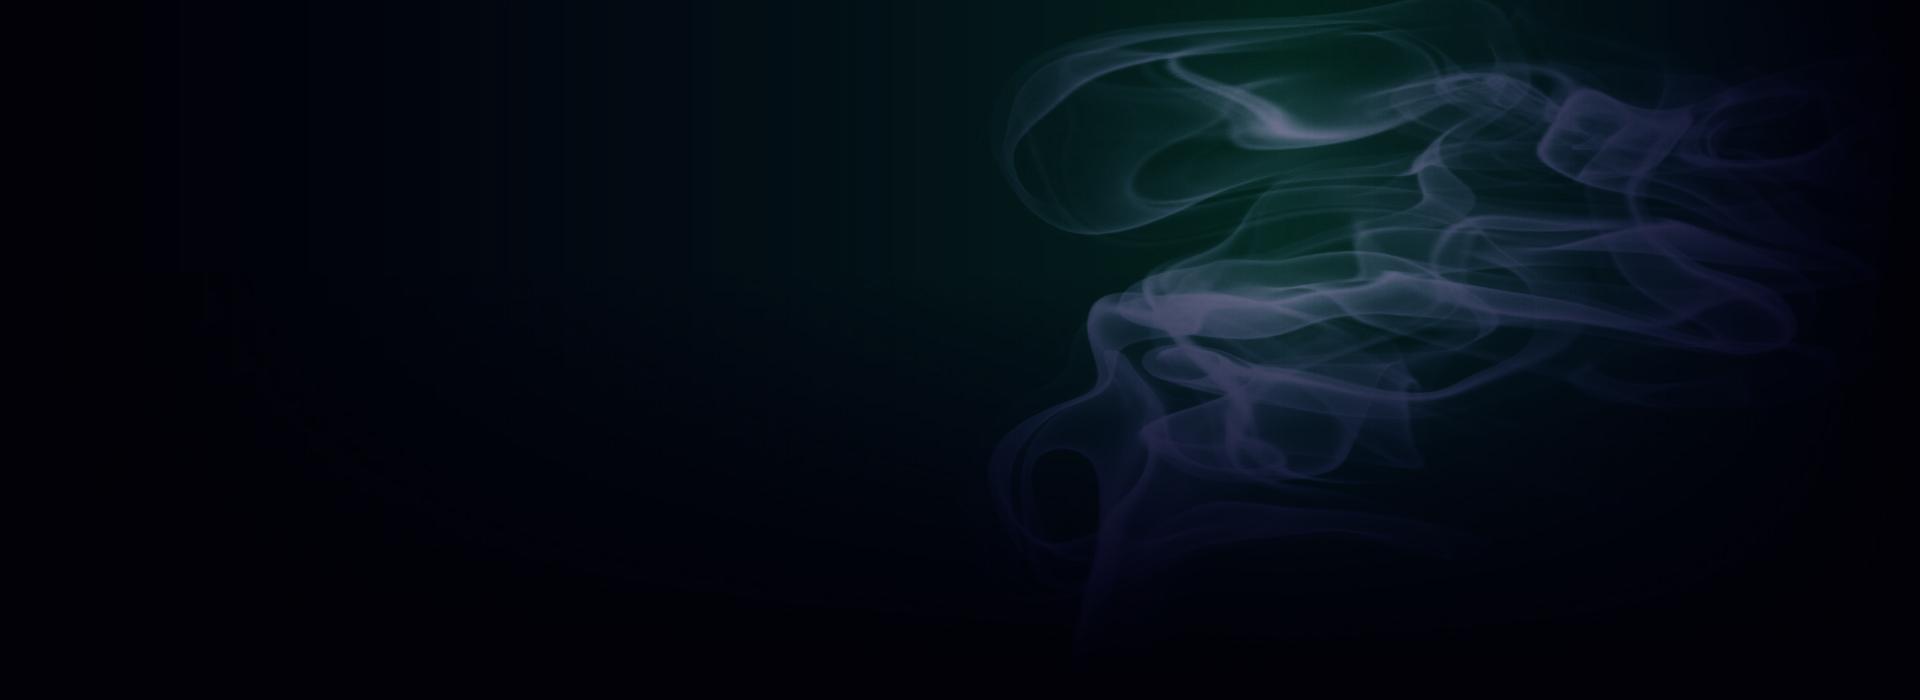 fundo_logo_verde